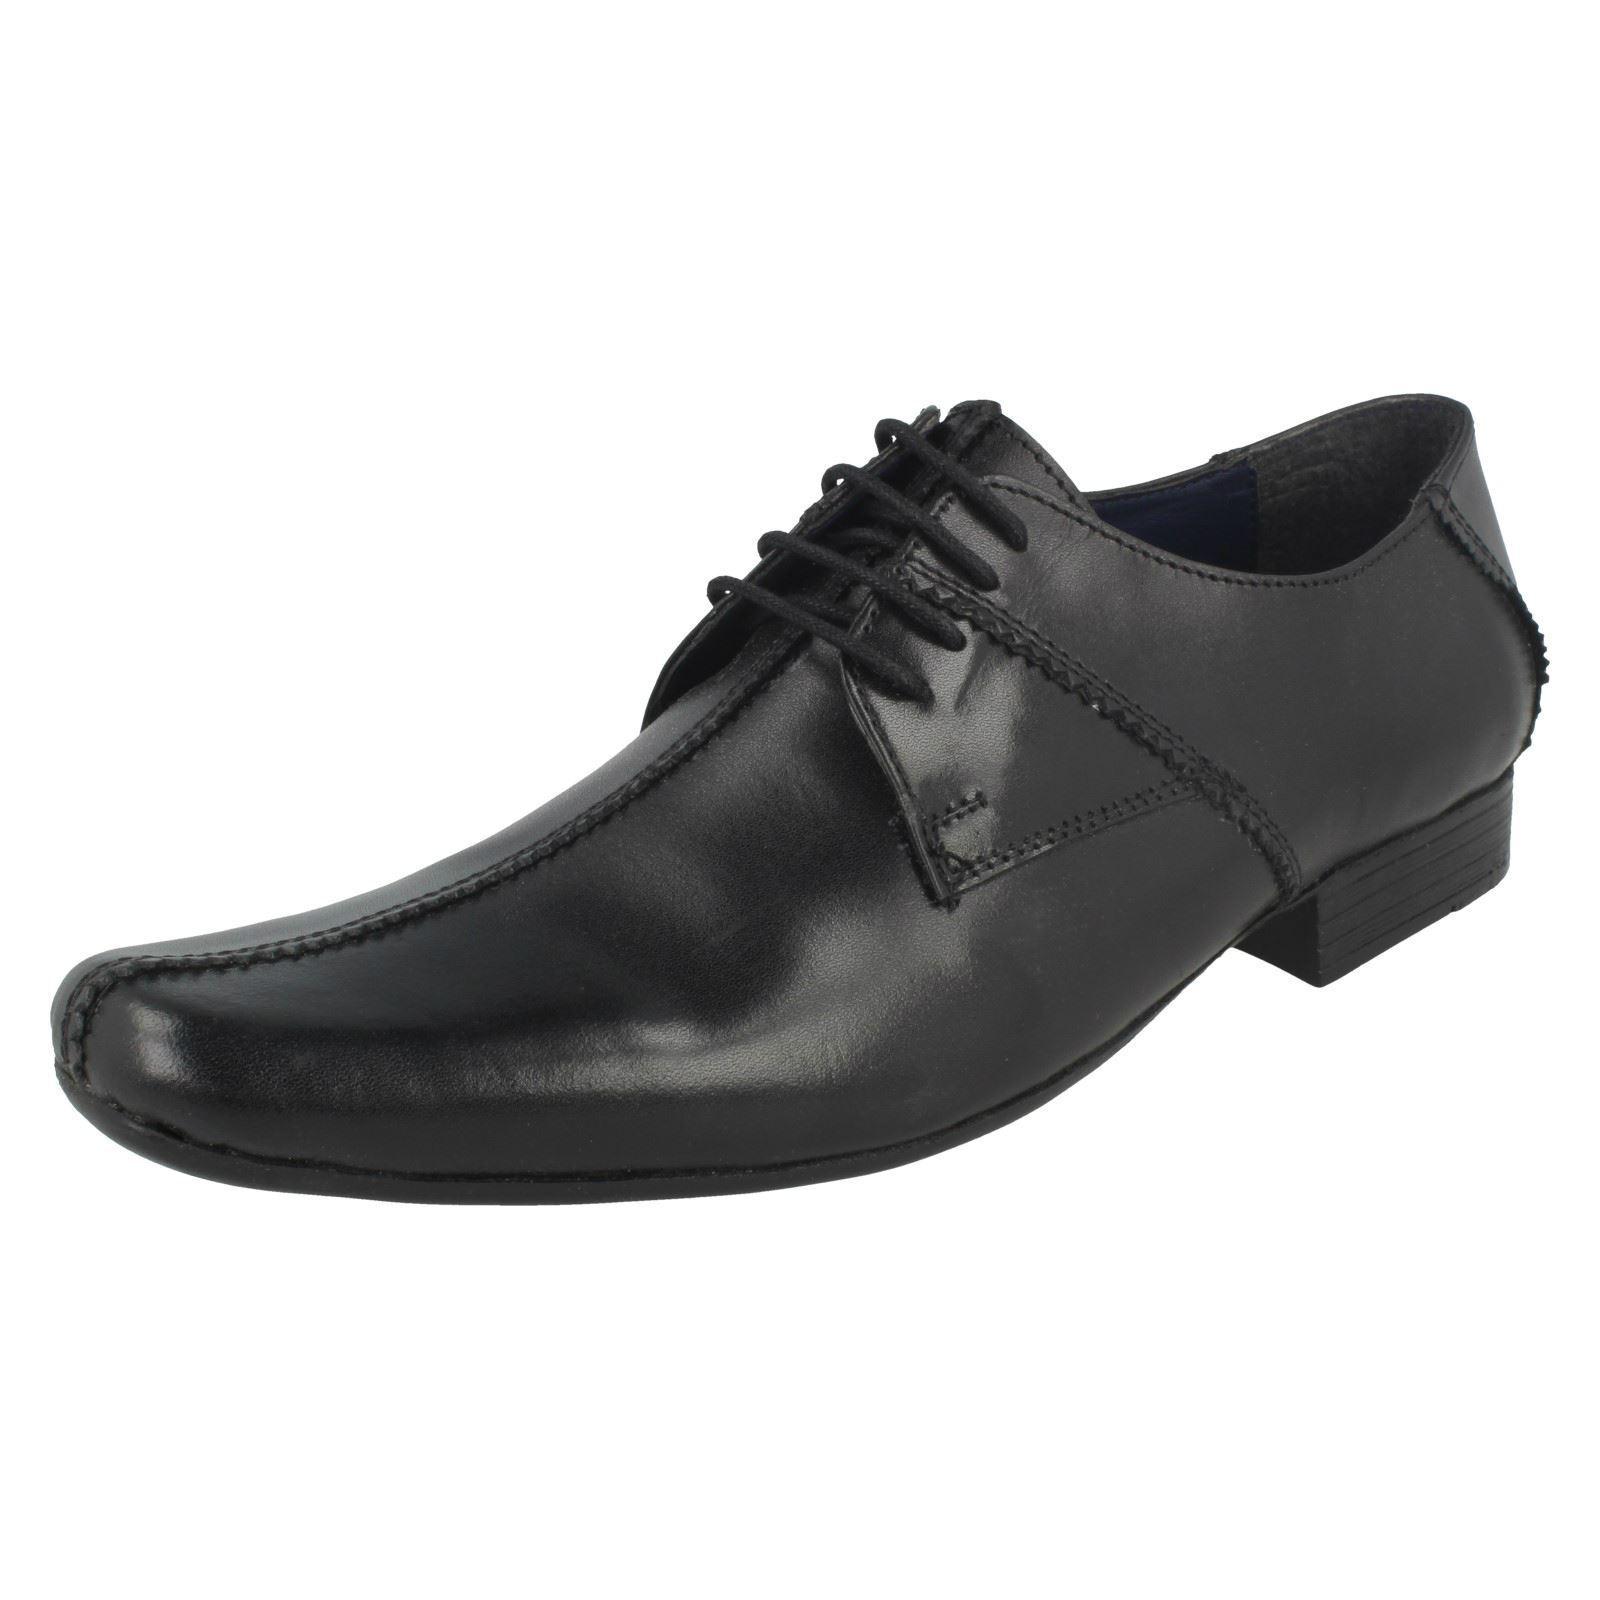 'Mens PSL' Lace Up shoes - PSL146B